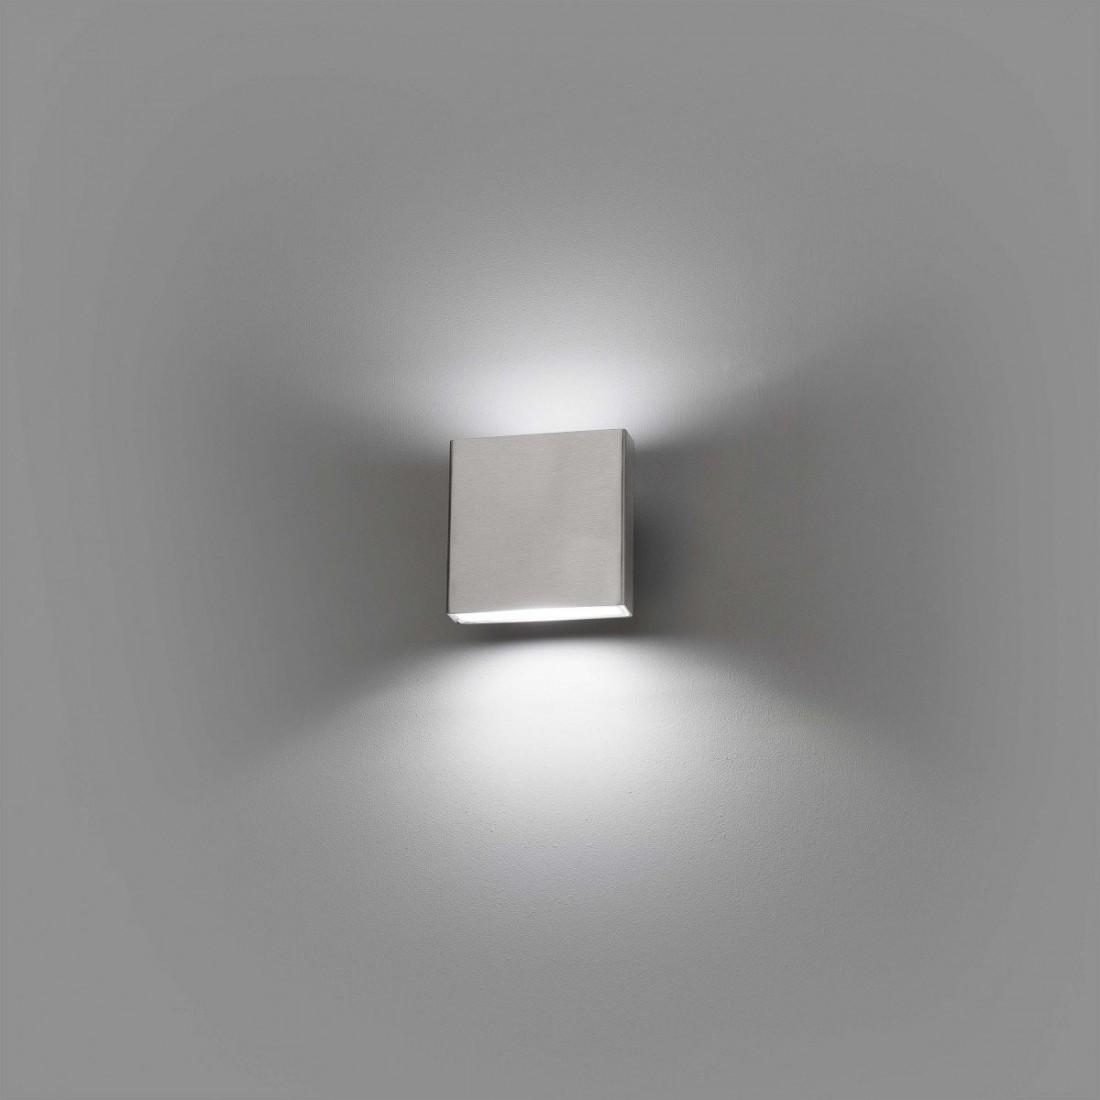 Lamparas Para Baño Baratas:baratas, lamparas muy baratas, lamparas economicas, lamparas de